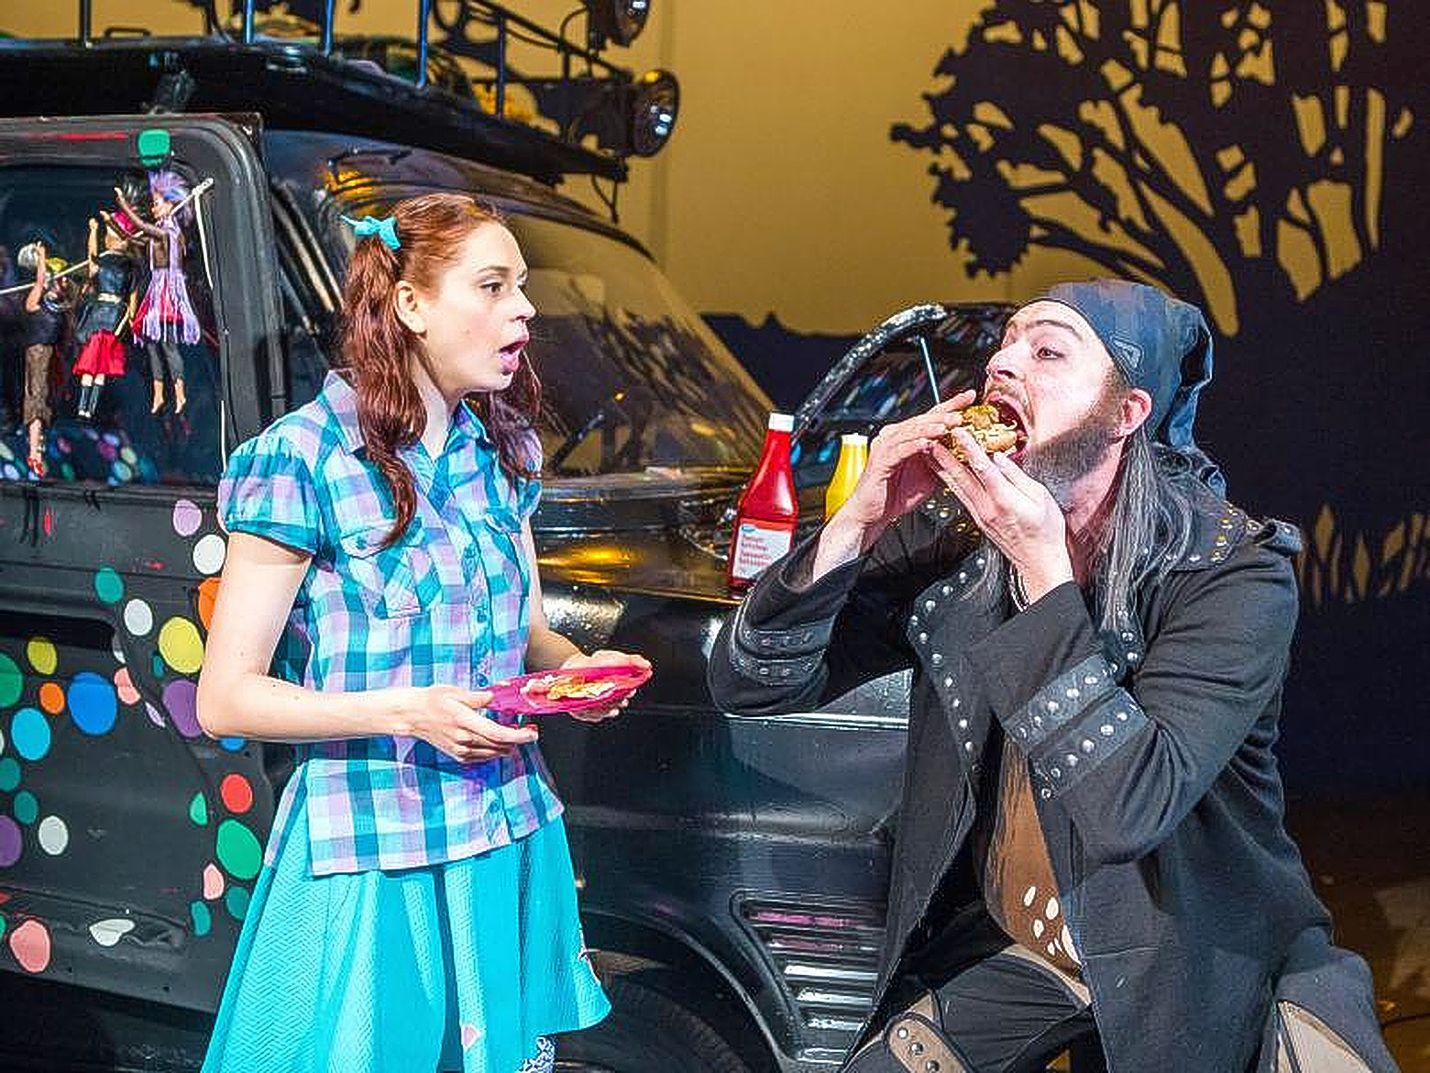 Porin Teatterin Me Rosvolat on toteutettu näyttävästi. Kaapattua Vilja-tyttöä esittää Mira Rastas ja rosvopäällikköä Teemu Niemelä.